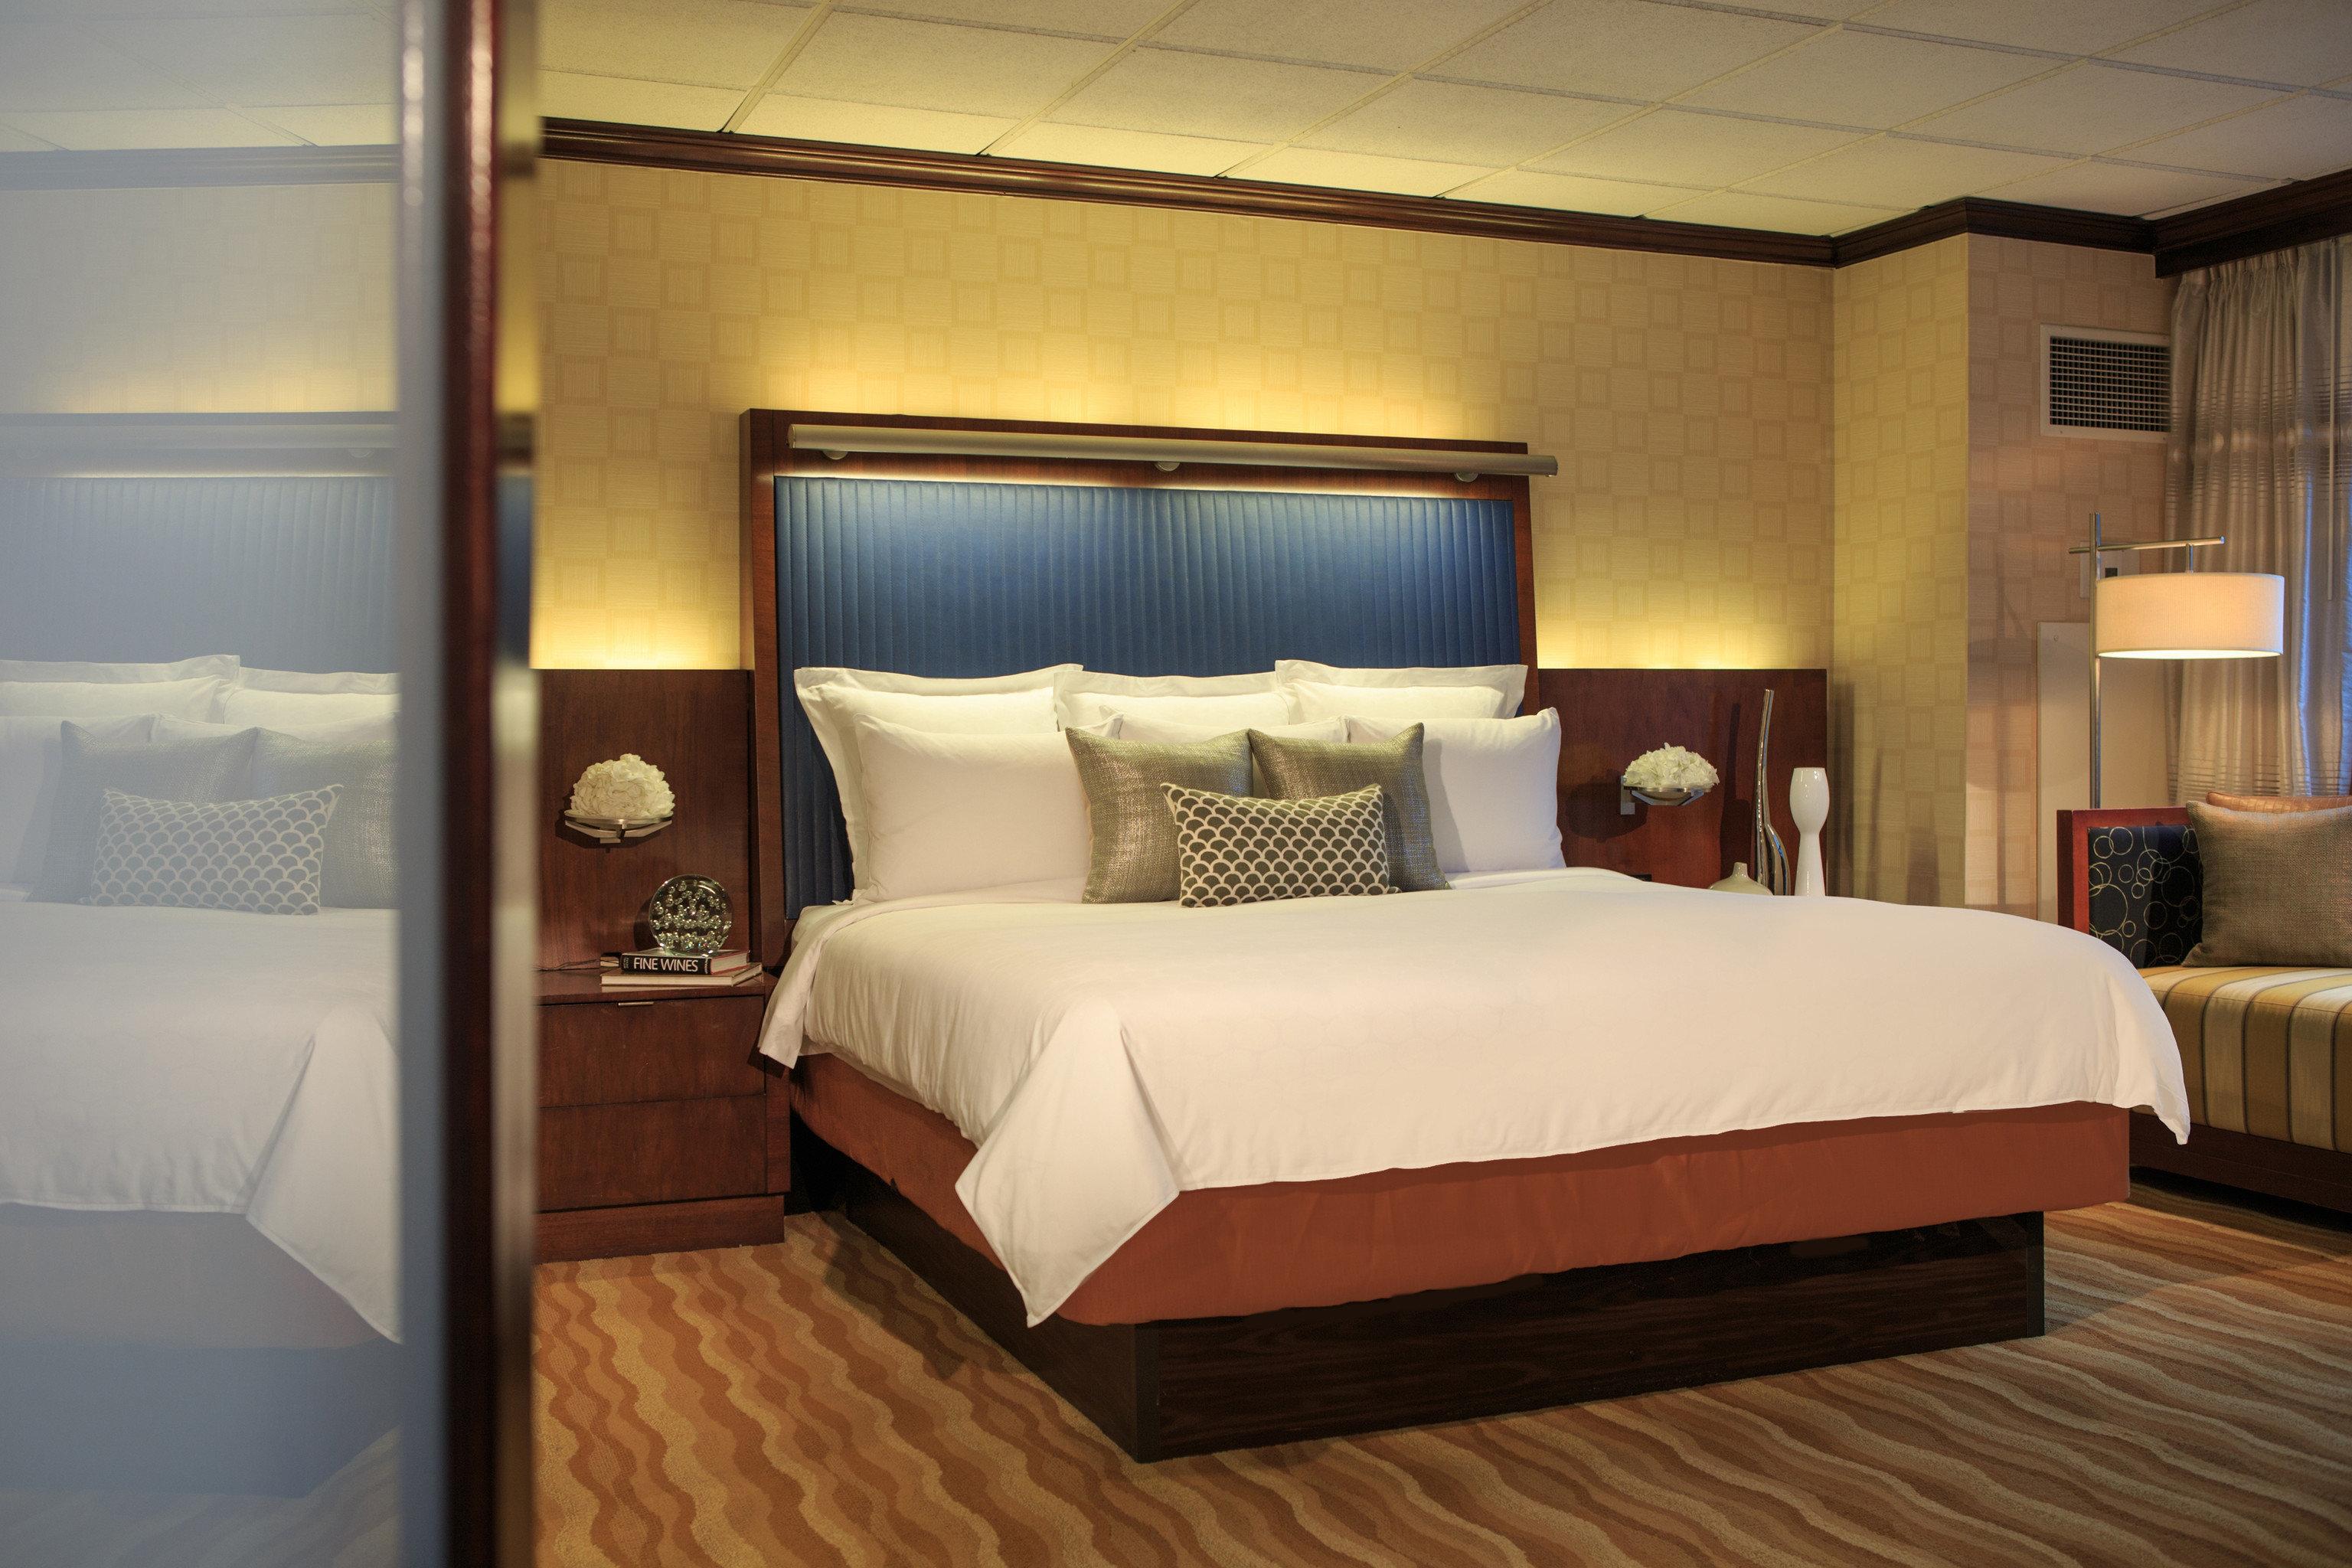 Bedroom property Suite yacht bed frame bed sheet cottage